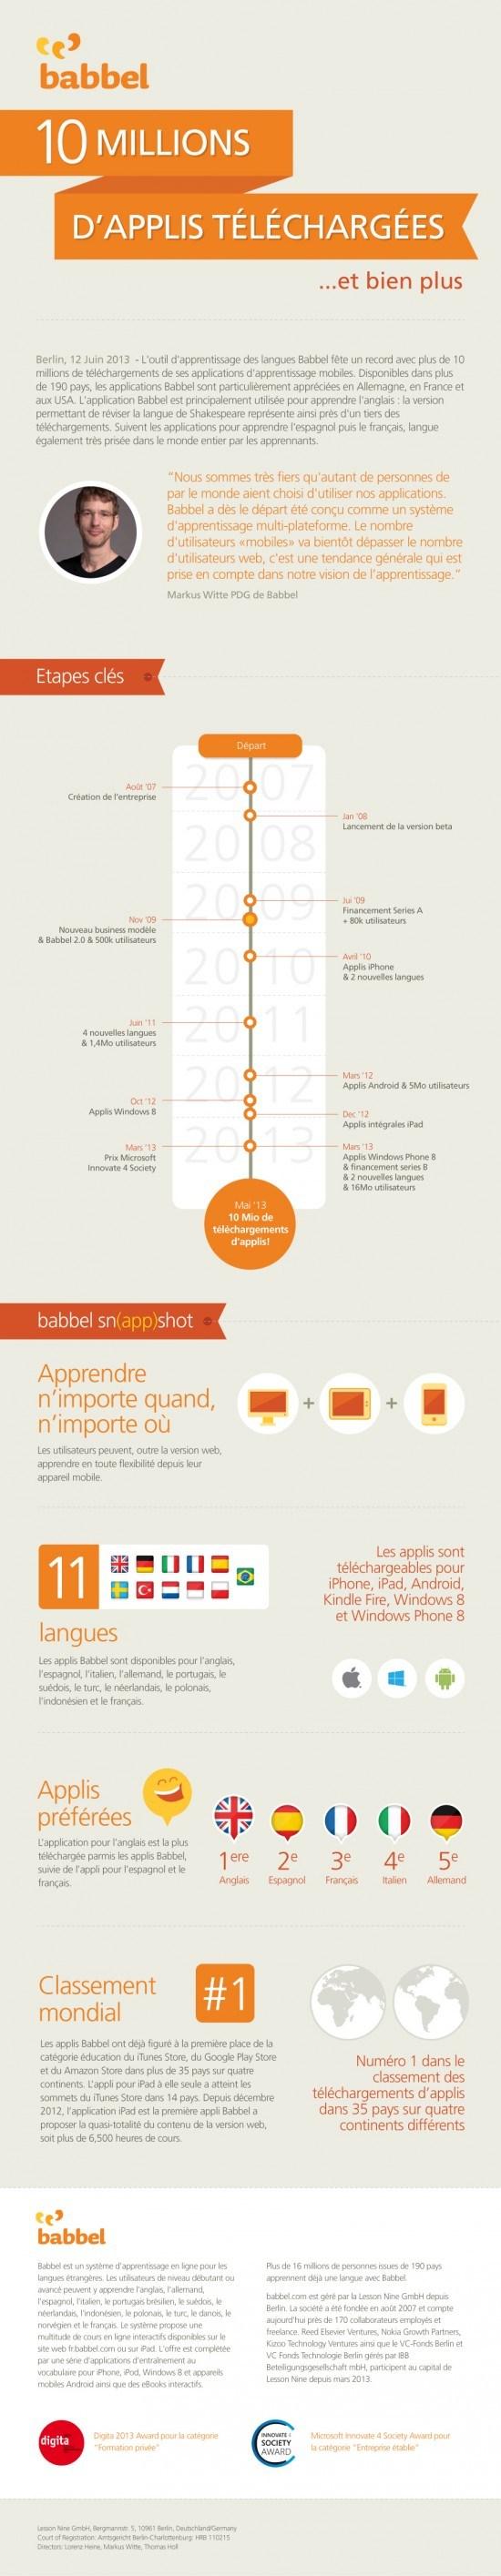 Les Applis Babbel dépassent les 10 millions de téléchargements !